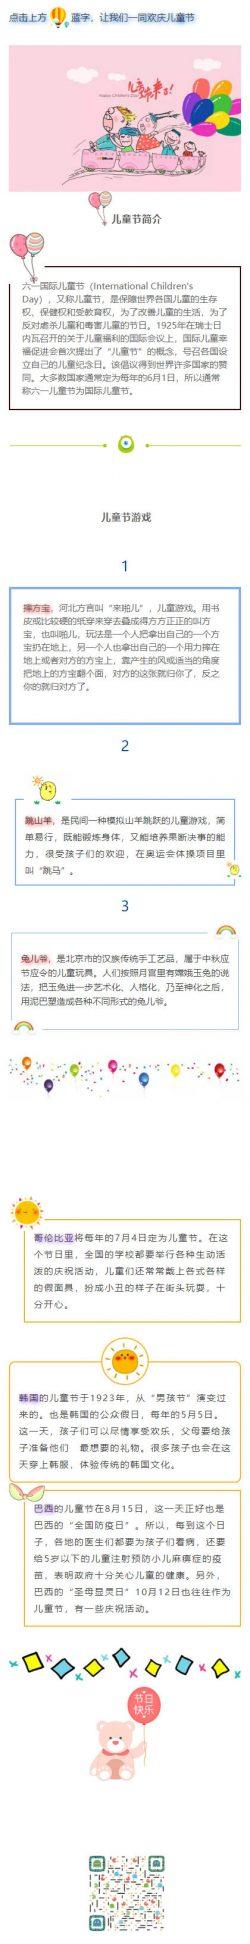 六一国际儿童节可爱卡通动态图标微信公众号推文模板